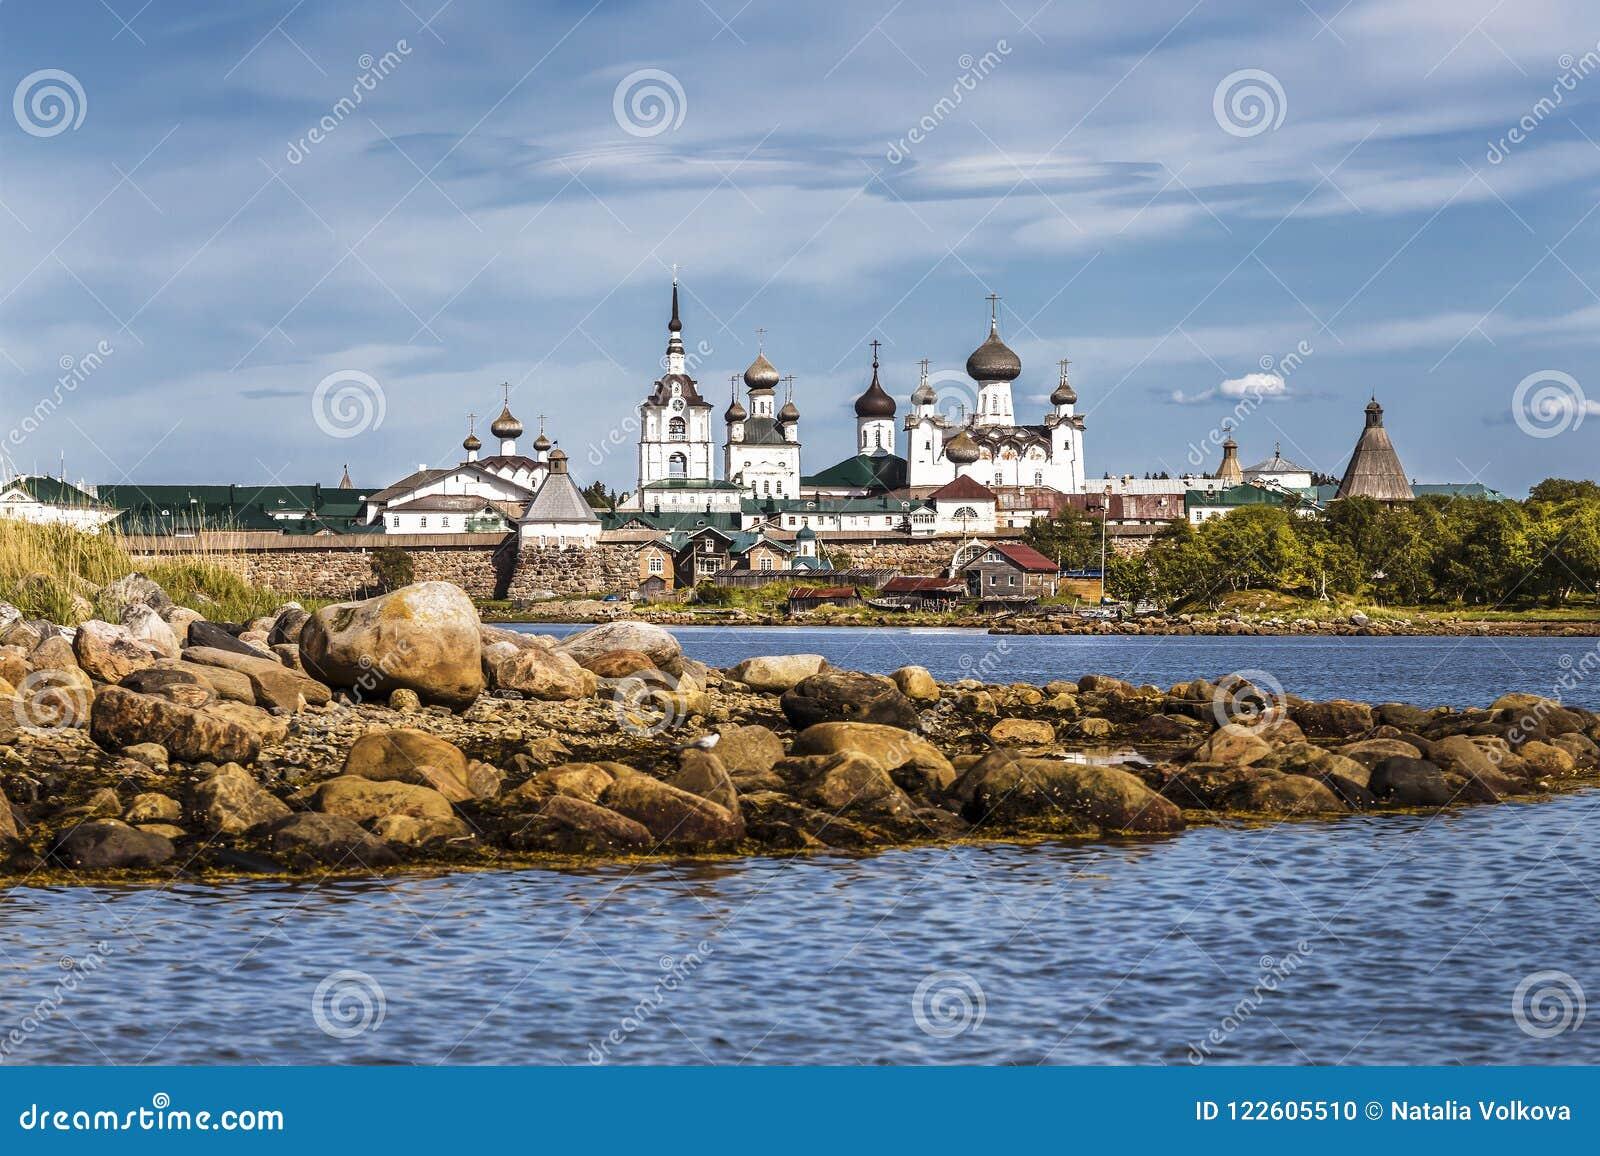 Spaso-Preobrazhensky Solovetsky stavropegial修道院的看法在大索洛韦茨基群岛上的从白海 阿尔汉格尔斯克州关于